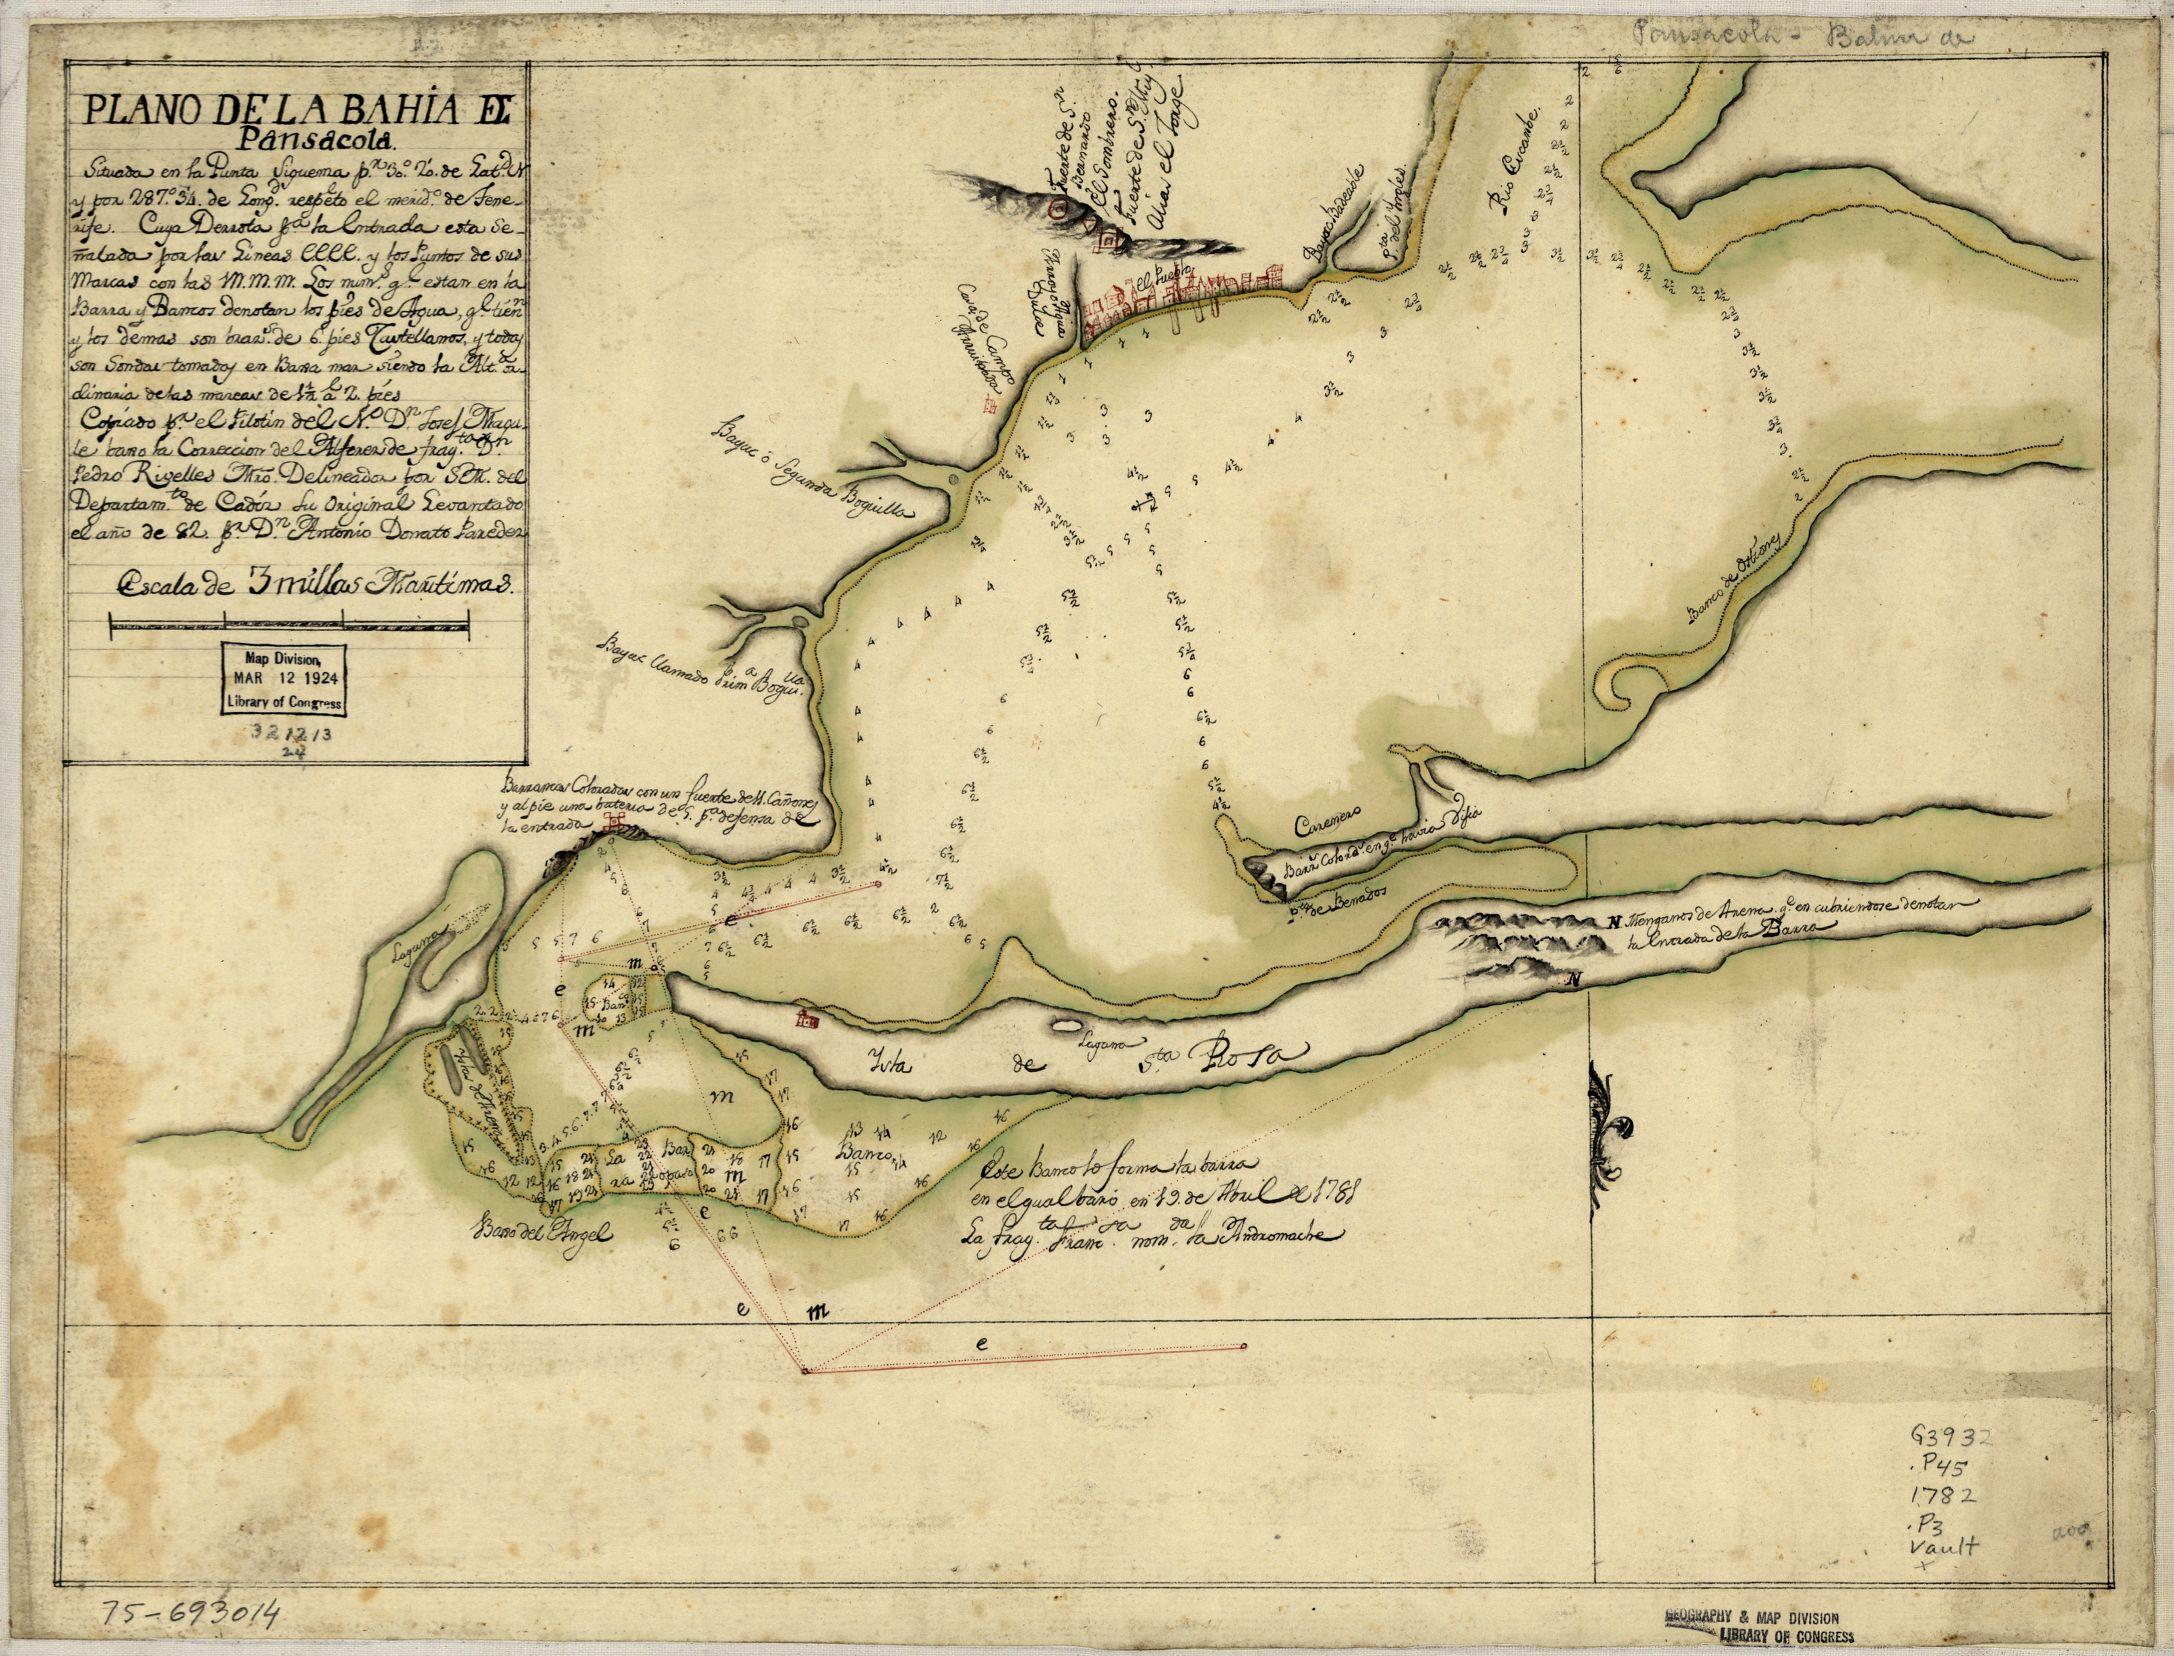 Plano de la Bahía de Pensacola